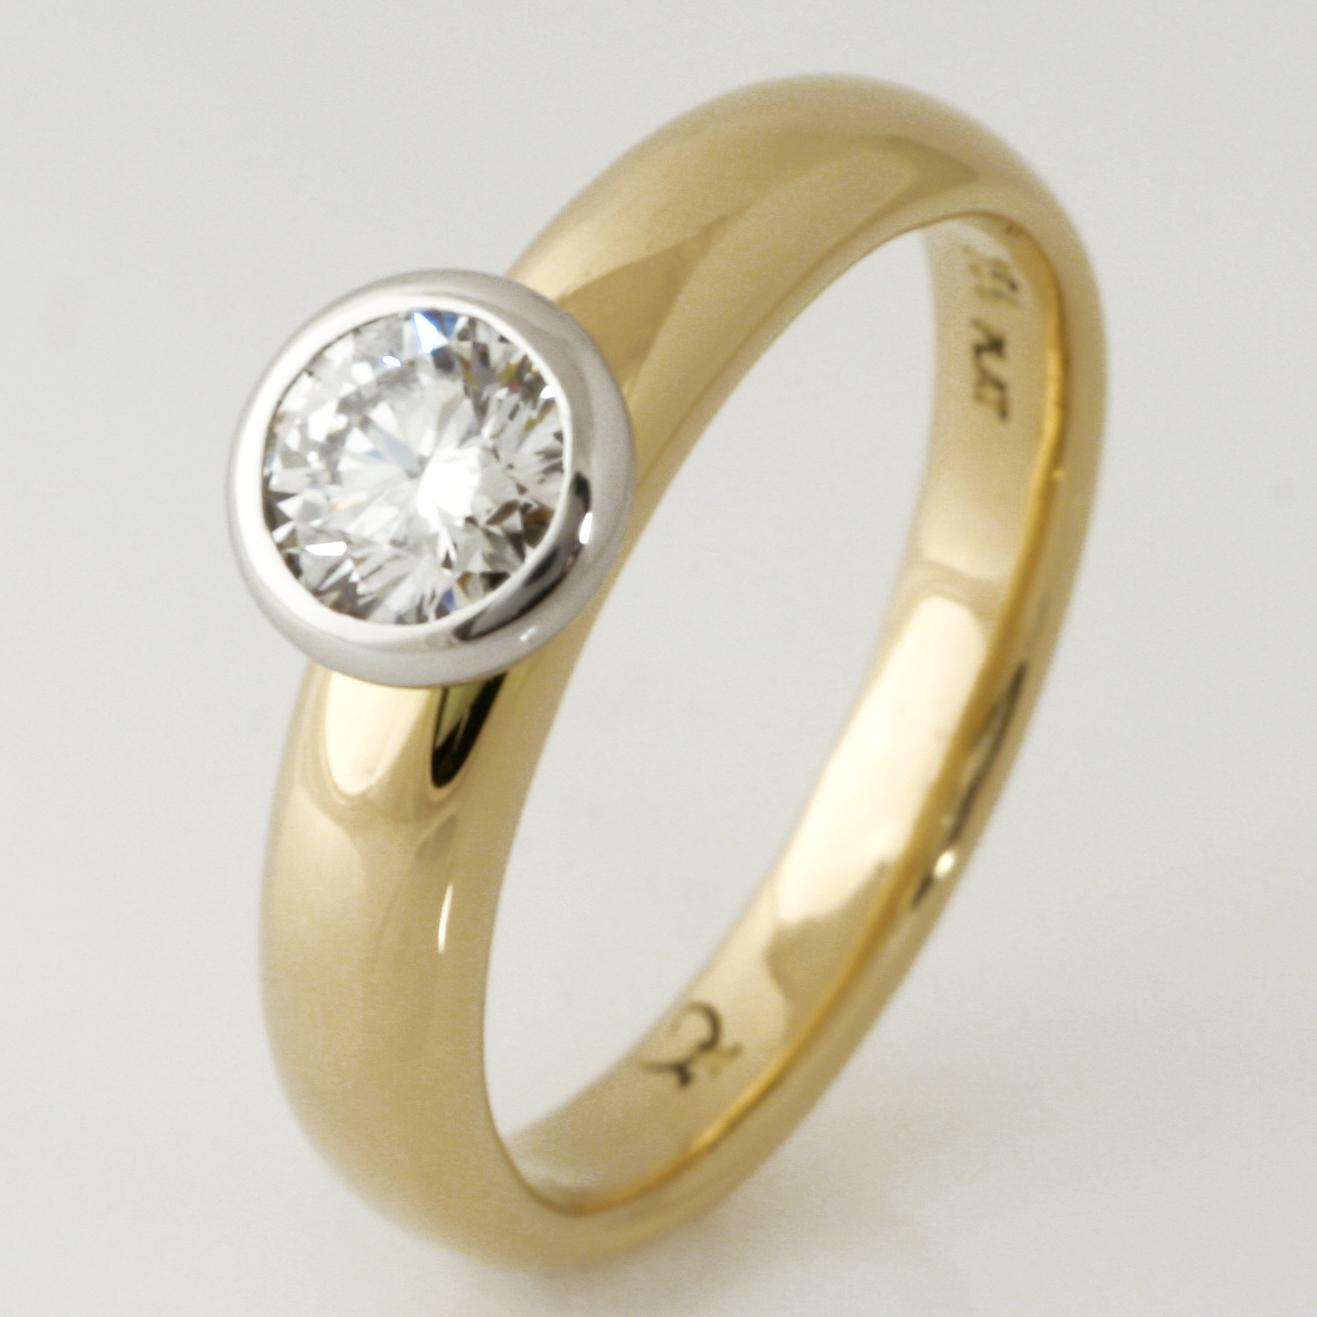 Handmade ladies 18ct yellow gold and platinum diamond engagement ring